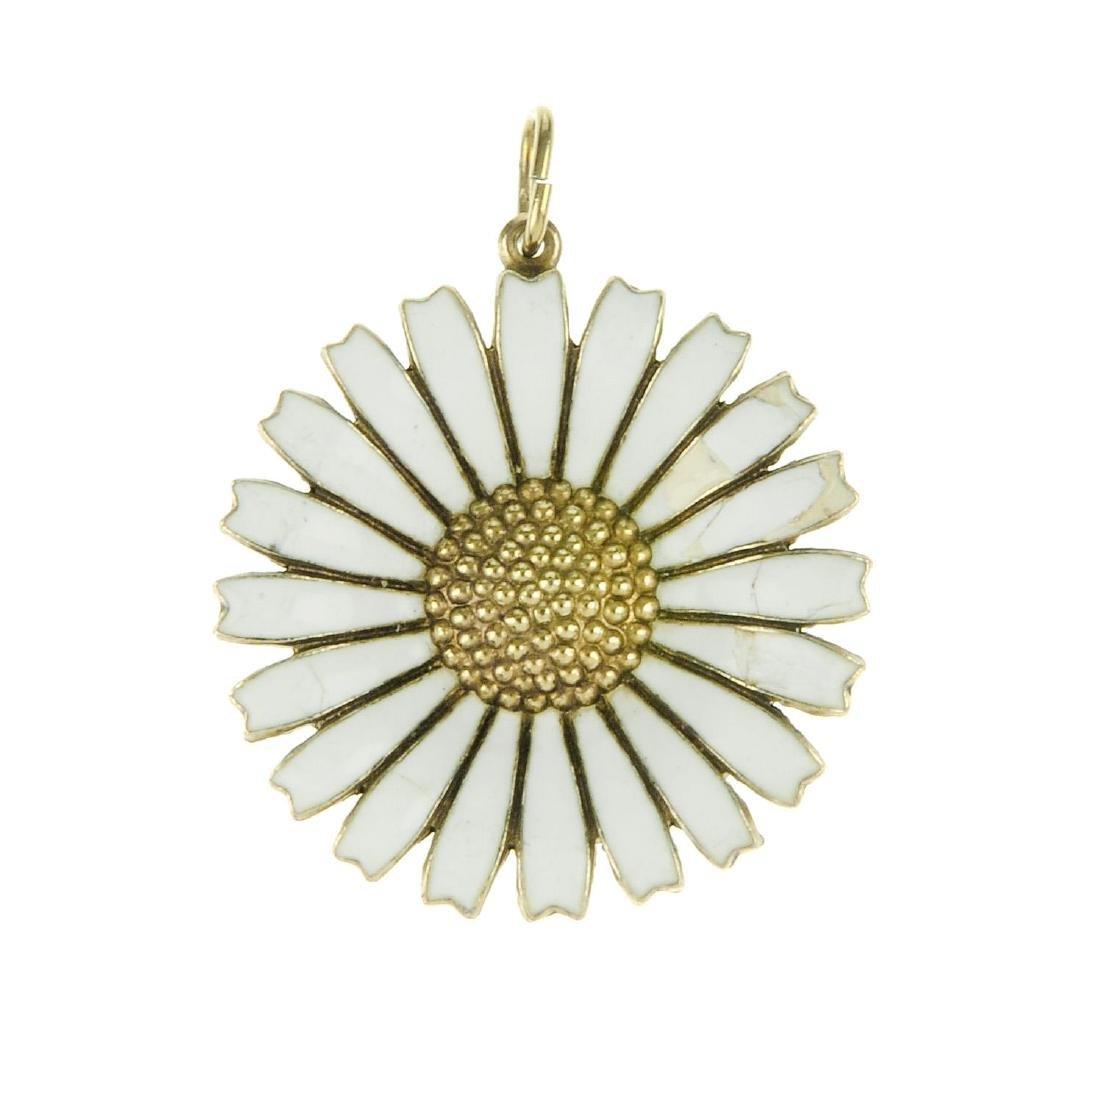 GEORG JENSEN - an enamel Daisy pendant. Designed as a